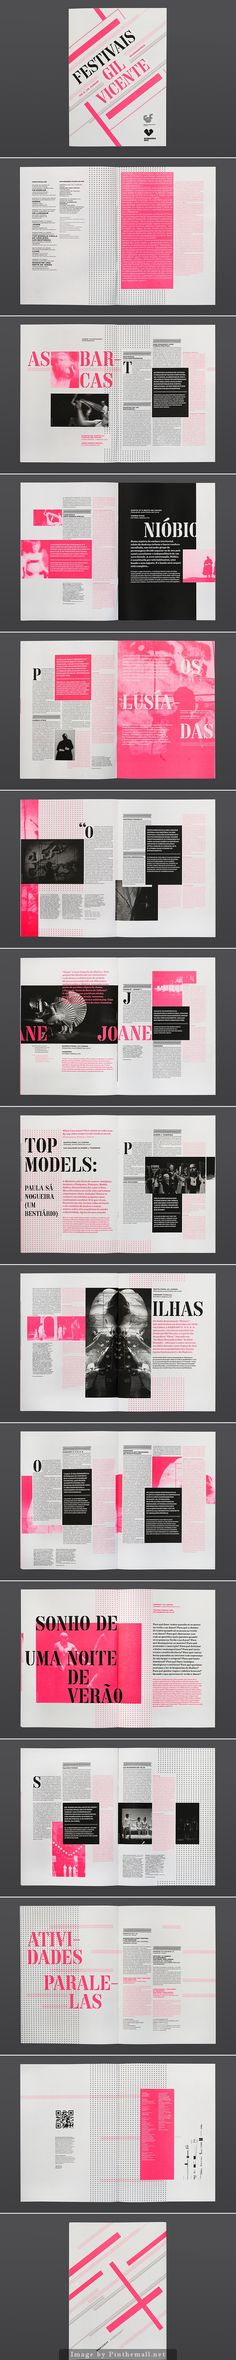 brochure / bichromie / noir / rose / pavé de texte / décalage